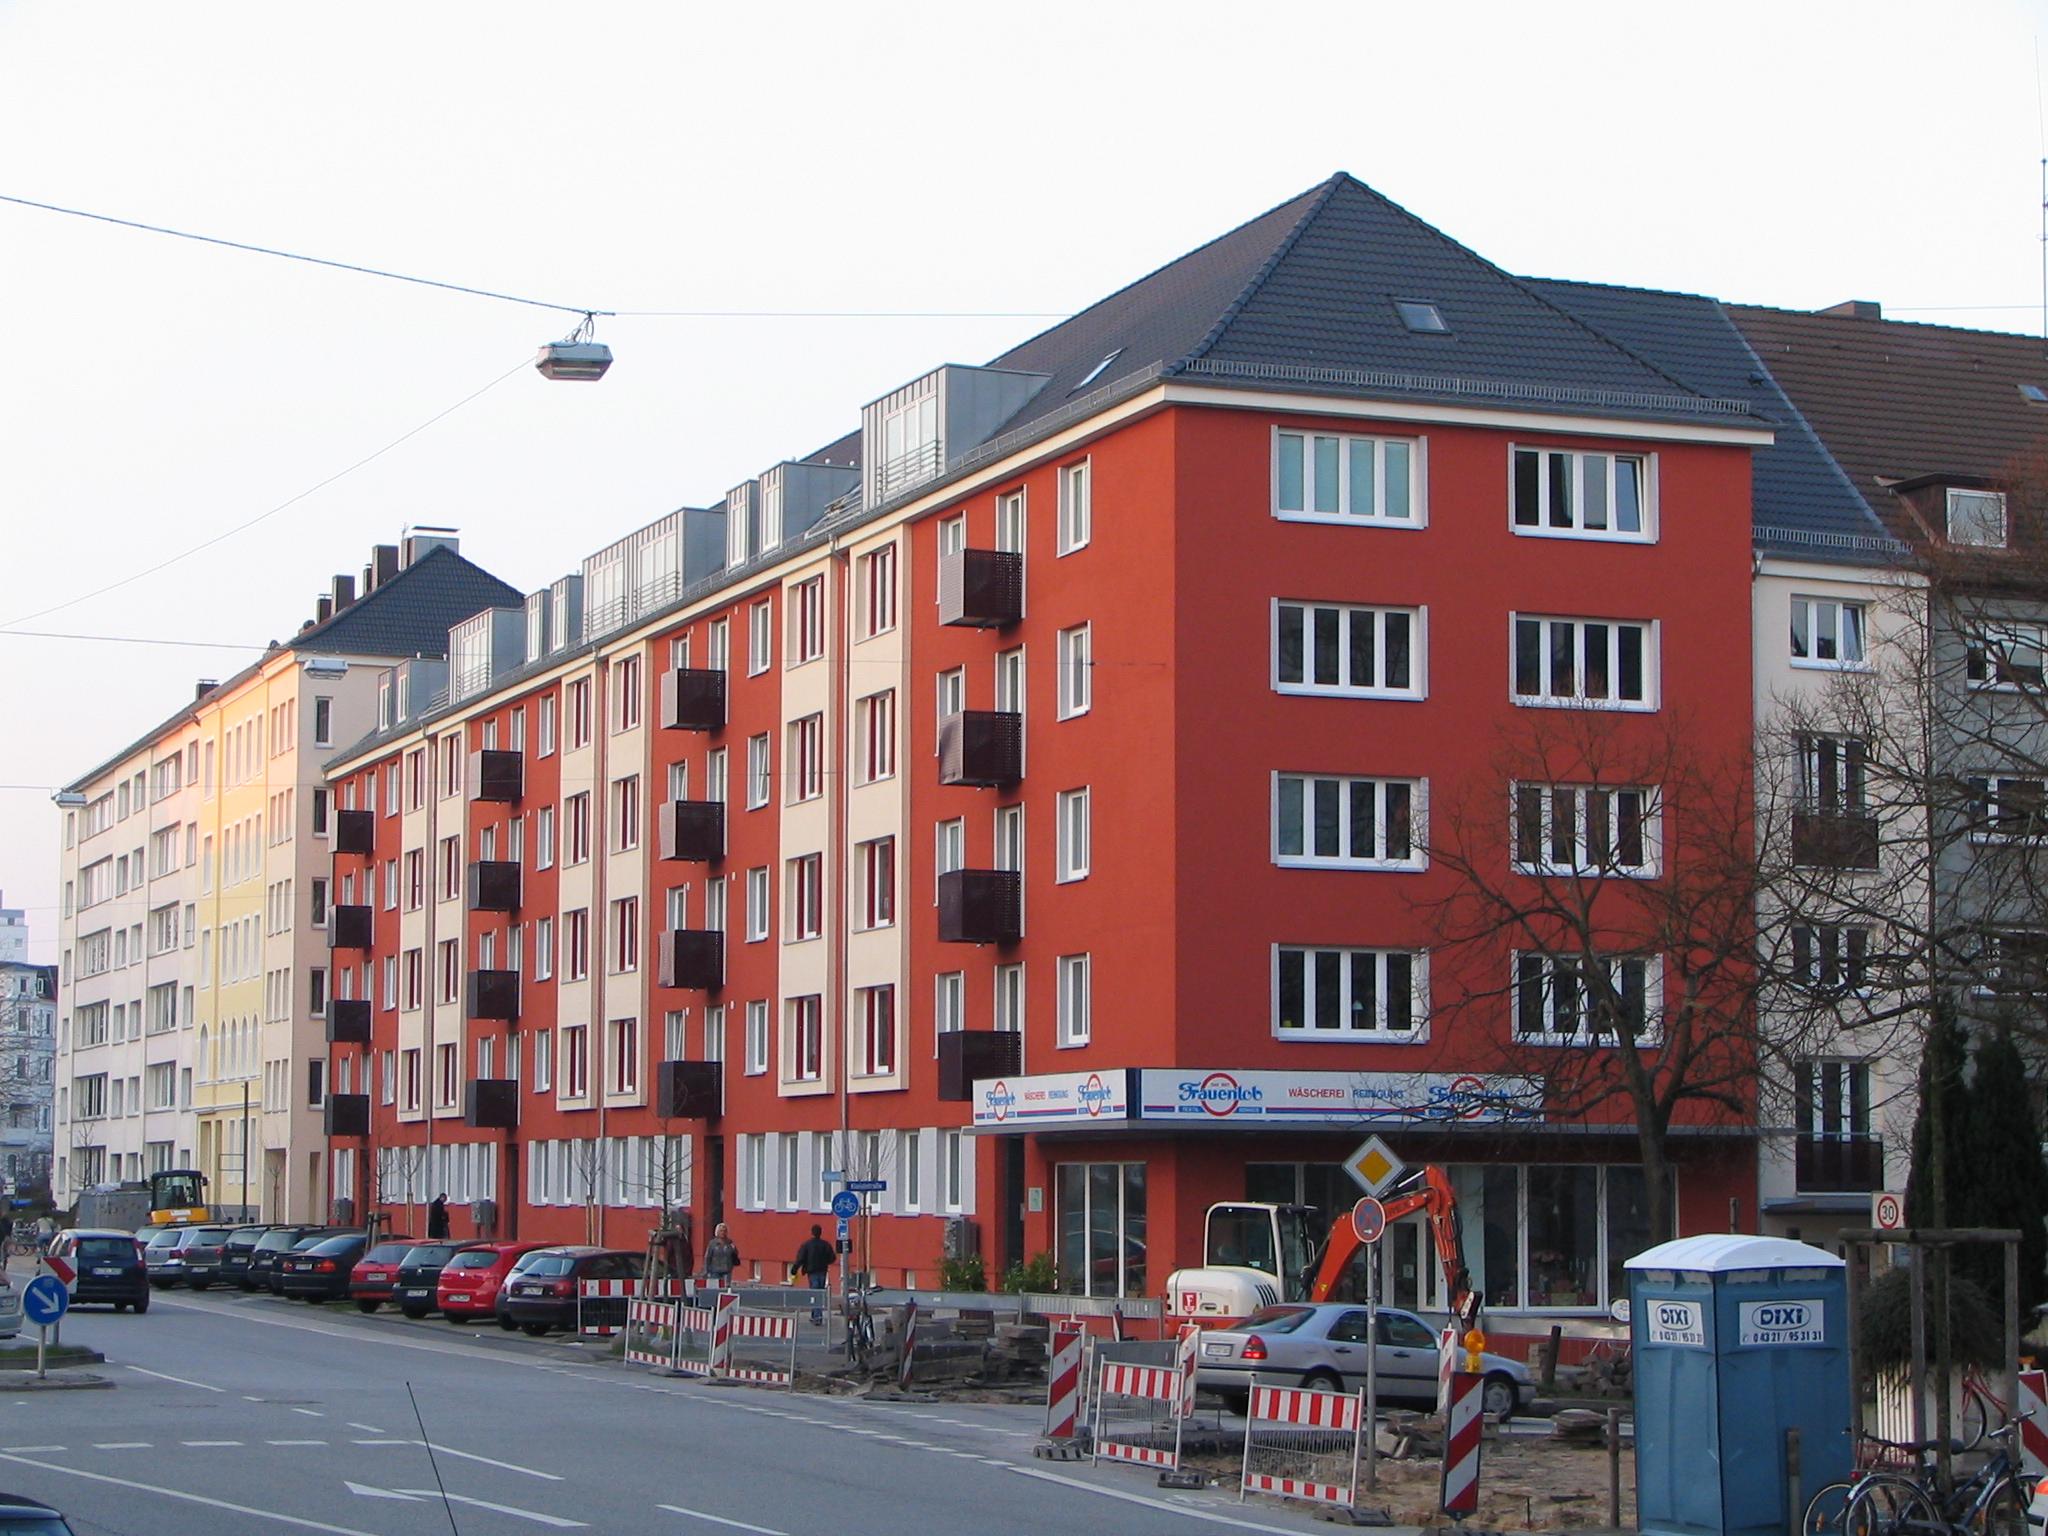 590-Holtenauer-BSP-Architekten